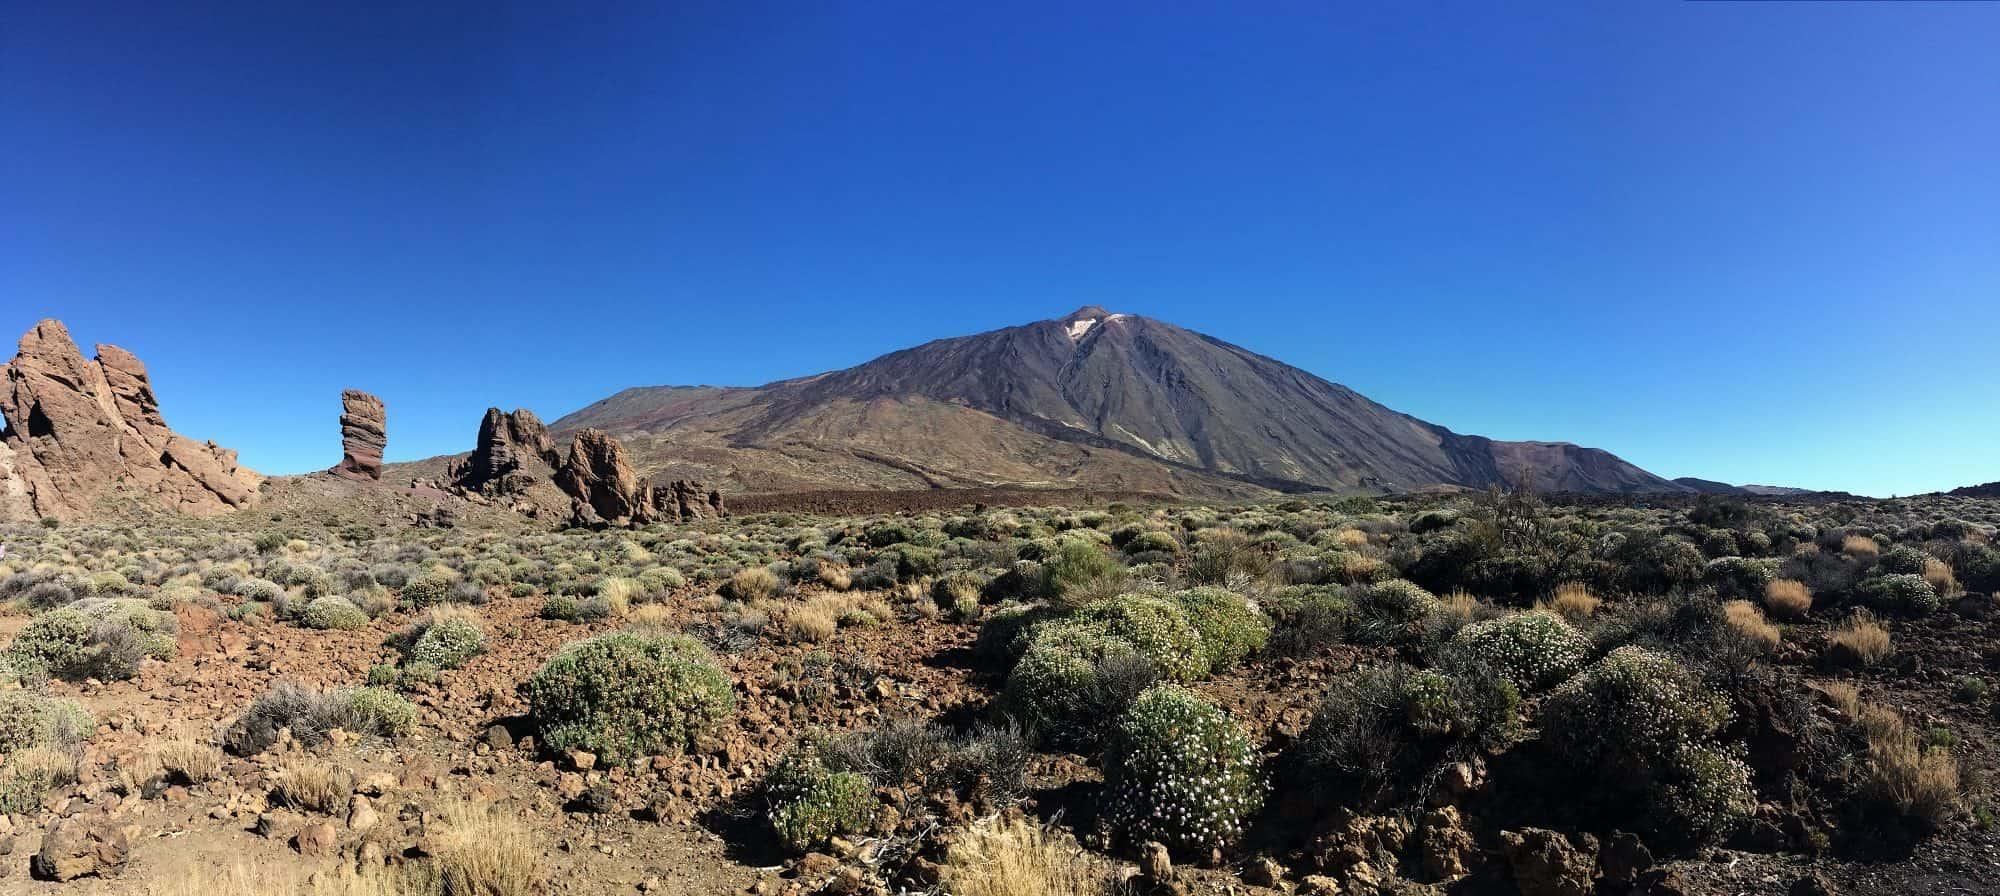 Tenerife Mt Teide